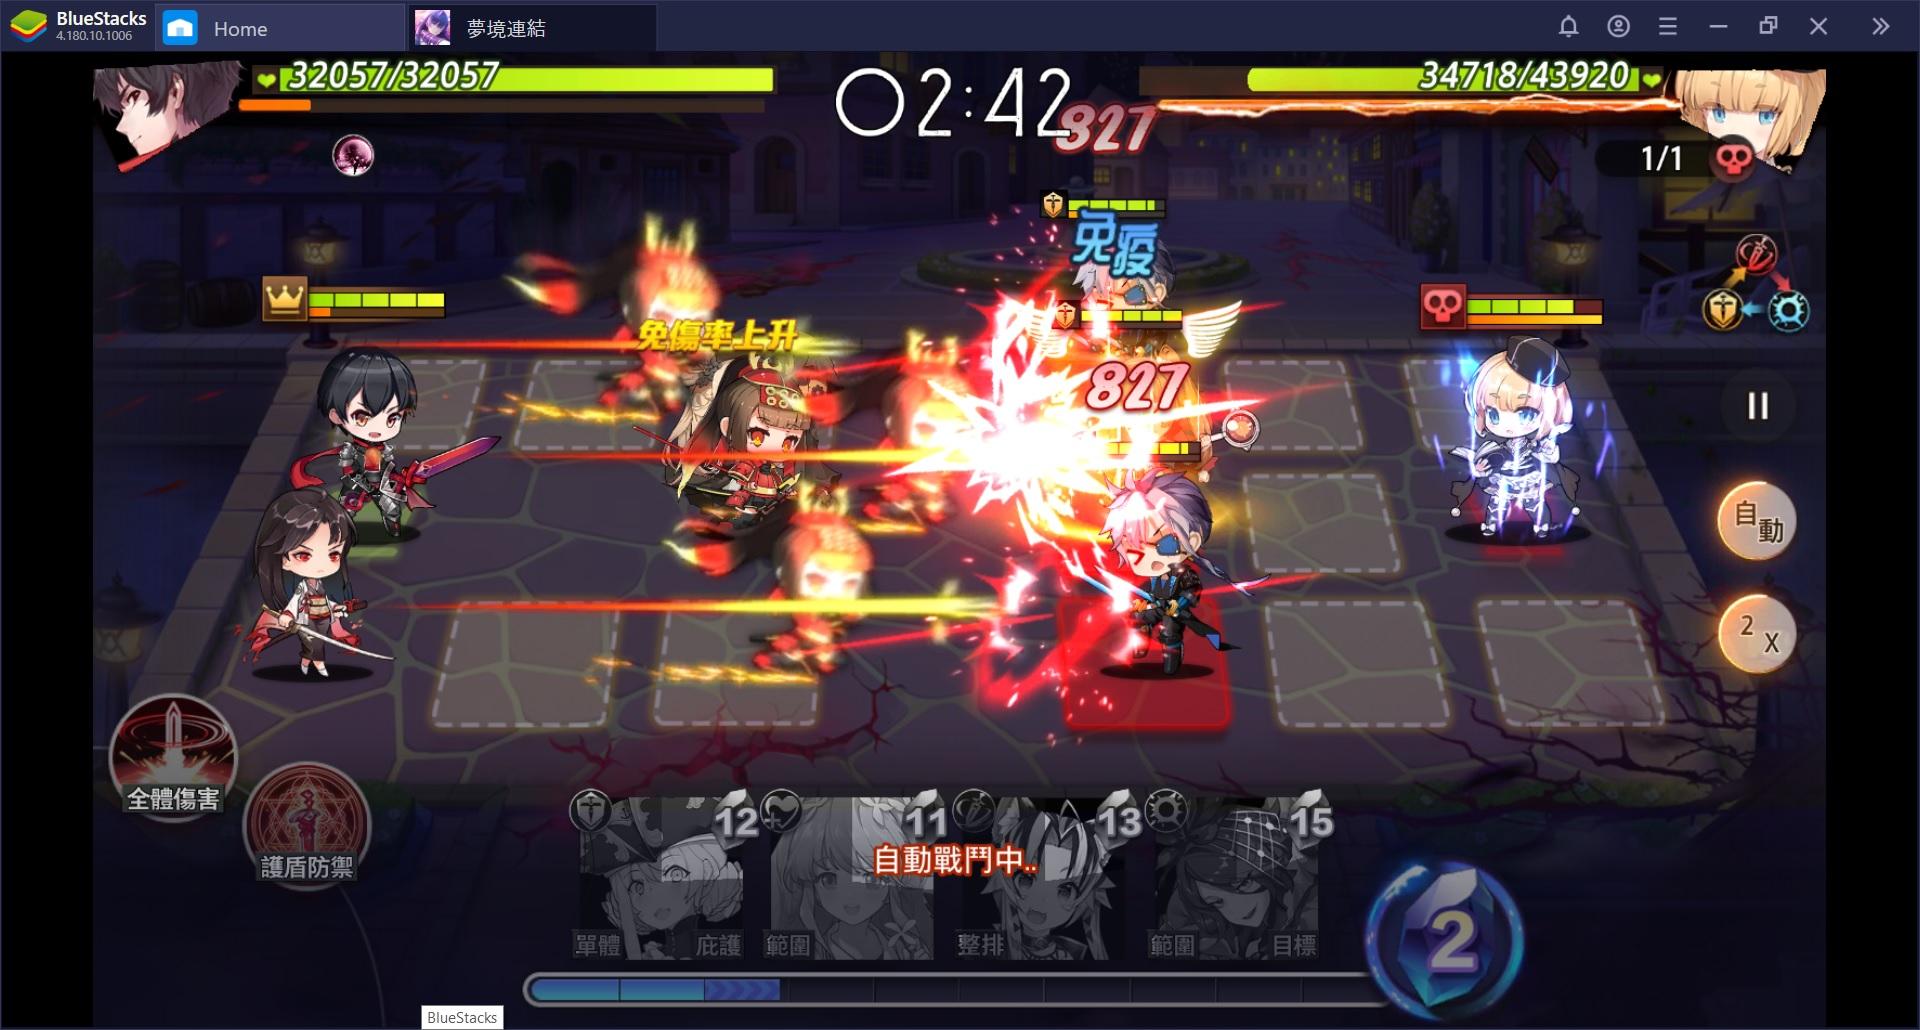 卡牌戰鬥 RPG《夢境連結!Re:Connected》:新手必知的遊戲常識